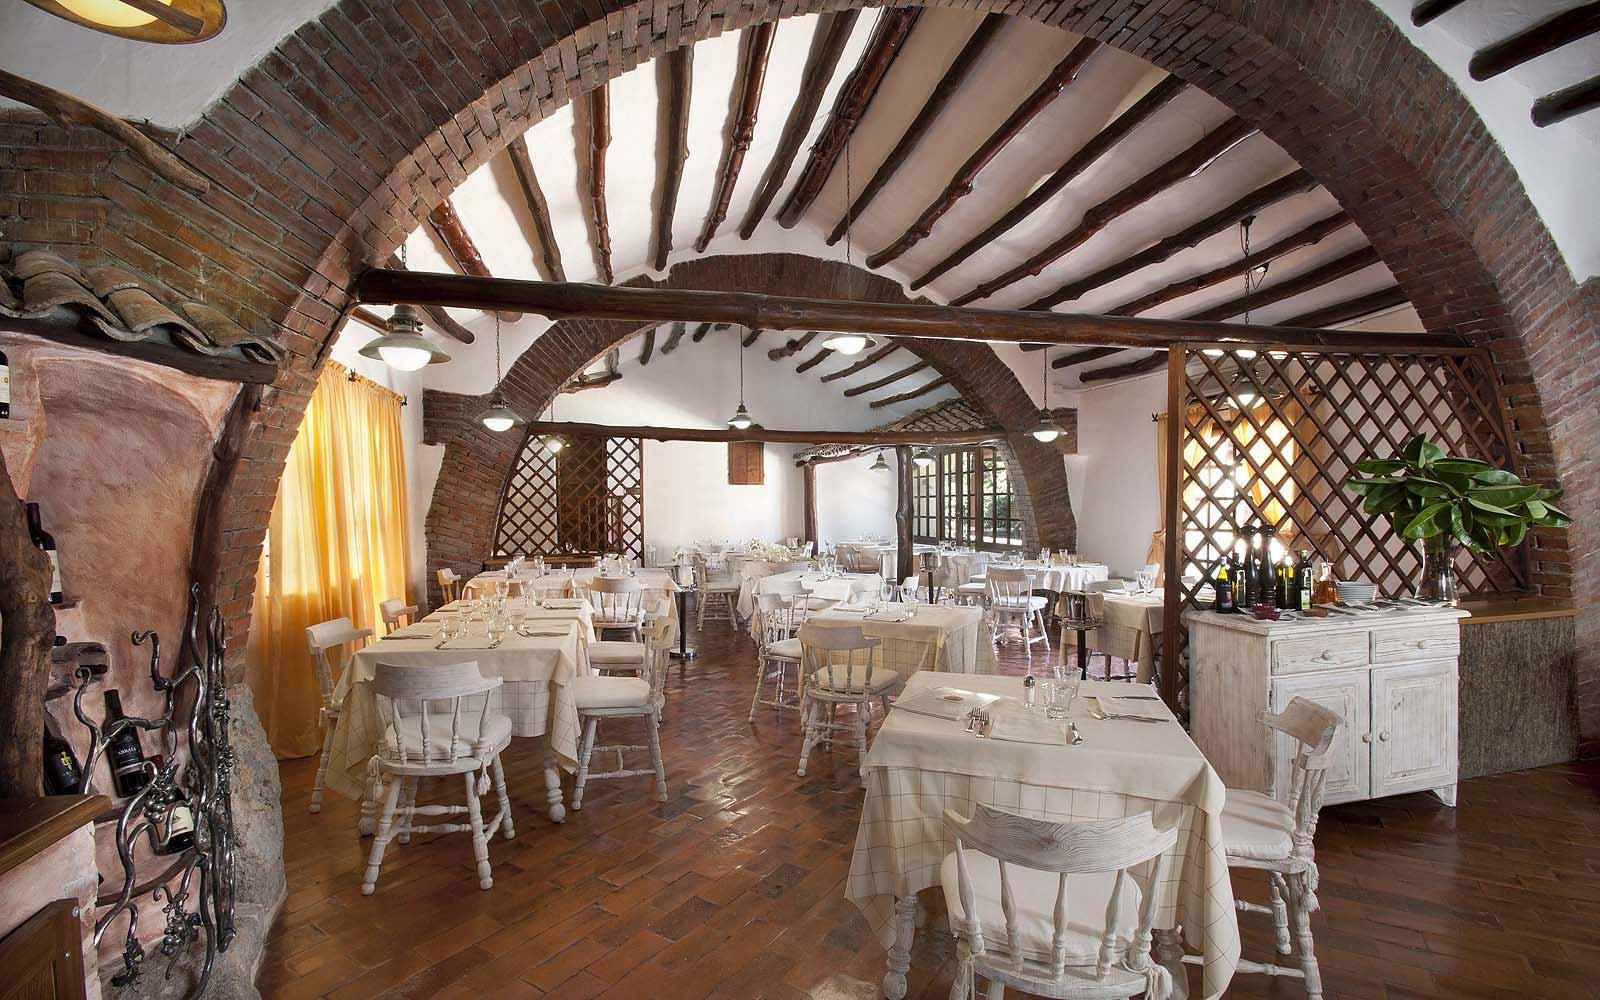 Il Pomodoro Restaurant in Costa Smeralda